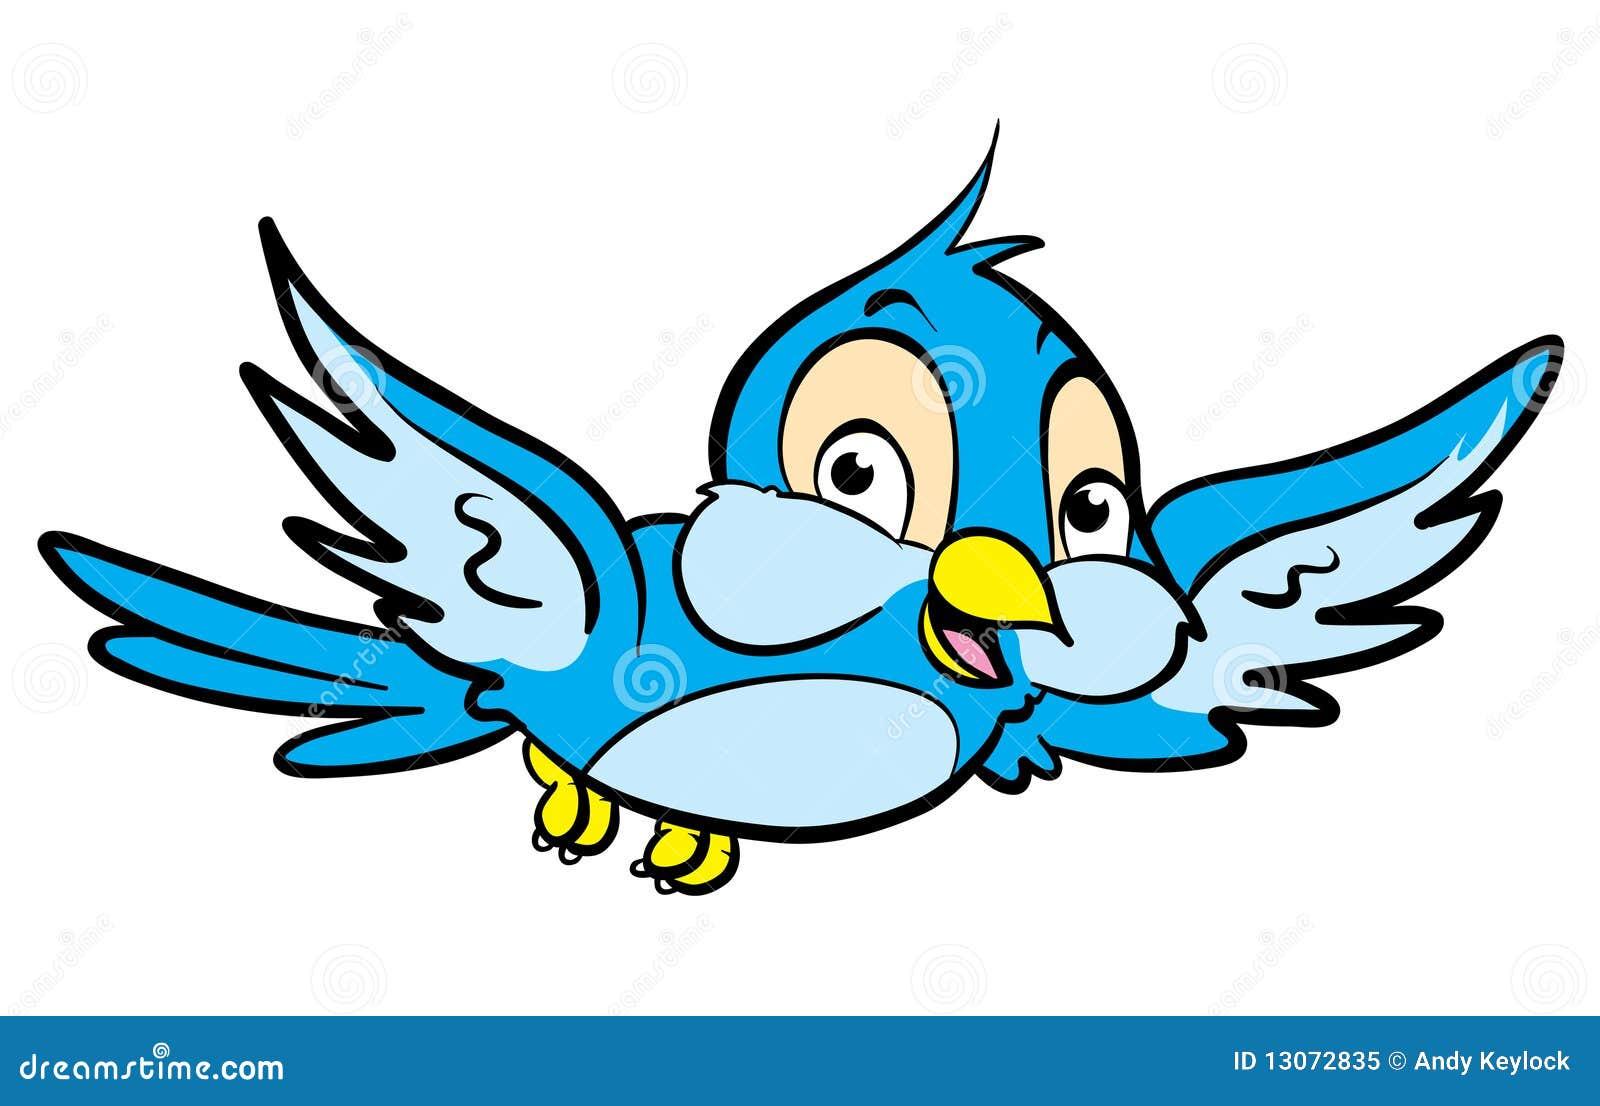 Oiseau De Dessin Animé Illustration De Vecteur Illustration